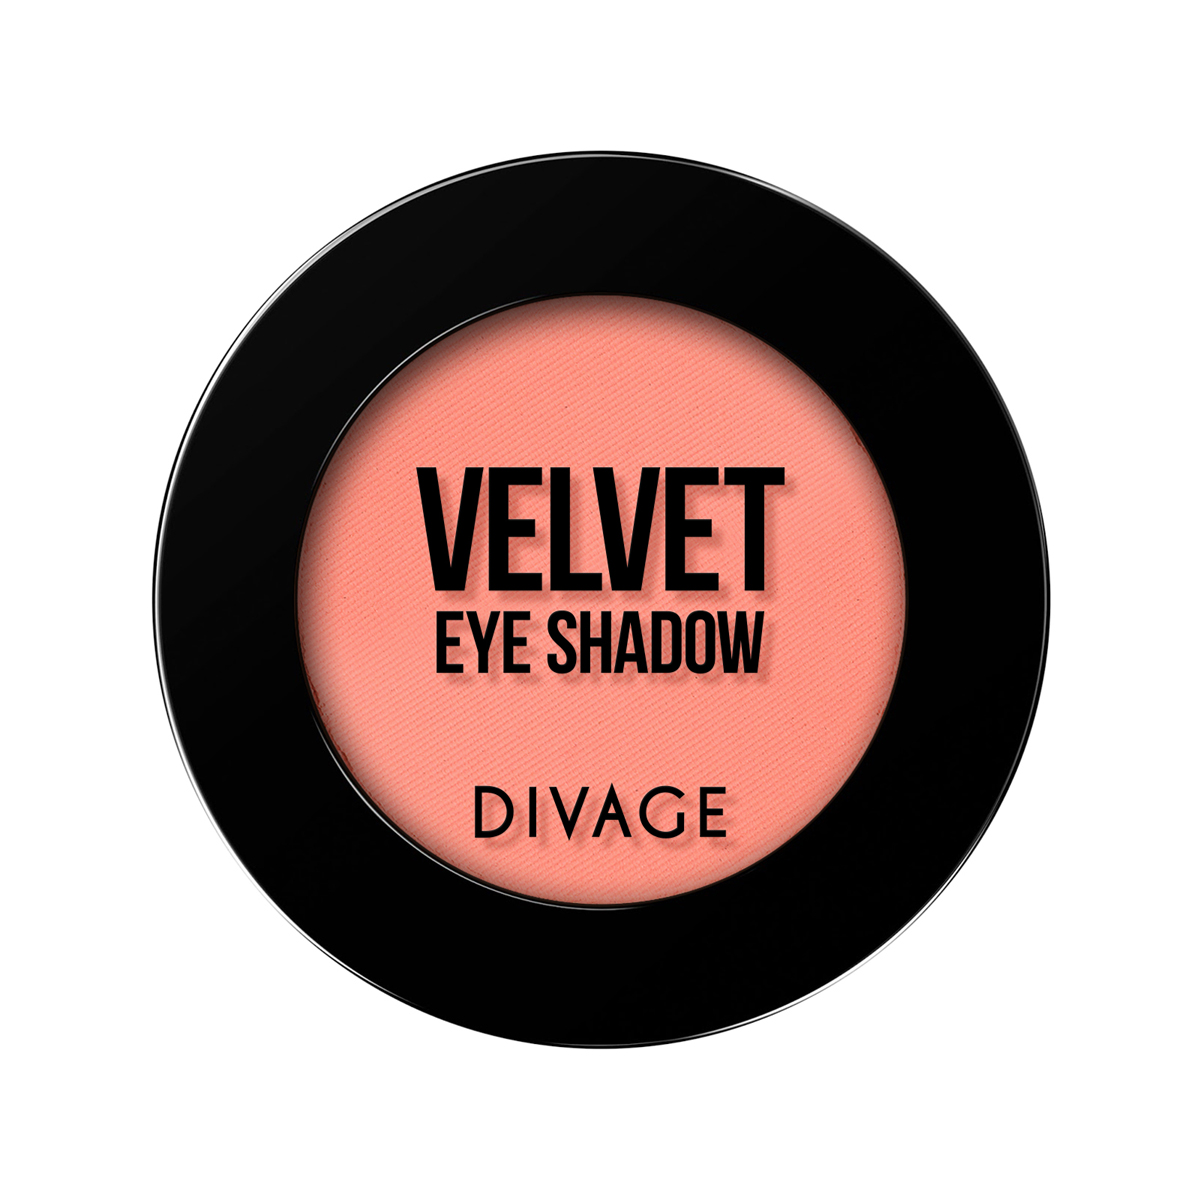 DIVAGE Матовые одноцветные тени для век VELVET , тон № 7321, 3 гр.DB4010(DB4.510)/голубой/розовыйБлагородство матовых оттенков на ваших глазахХочешь профессиональный макияж в домашних условиях?! Тогда матовые тени VELVET это, то, что тебе нужно, главный тренд в макияже, насыщенные оттенки, профессиональные текстуры, ультра-стойкий эффект. Всё это было секретом визажистов, теперь этот секрет доступен и тебе! Палитра из 15 оттенков, позволяет создать великолепный образ для любого события. Текстура теней VELVET напоминает бархат, благодаря своей шелковистой формуле тени легко растушевываются по поверхности века, позволяя комбинировать между собой все оттенки палитры. Тени идеально подходят для жирной кожи век, за счёт своей плотной пудровой текстуры тени не осыпаются и не собираются в складках века, сохраняя идеально ровное покрытие до 8 часов.СОВЕТ DIVAGE: Используя тени для макияжа глаз от DIVAGE, ты легко можешь меняться каждый день, создавая различные образы. Но как выбрать свой оттенок в таком многообразии? Выбирай контрастные оттенки тенейк твоему цвету глаз. Карие глаза хорошо подчеркнут зелёные и фиолетовые оттенки, все оттенки коричневого придадут выразительности зелёным глазкам, для серых и голубых больше всего подойду оттенки кораллового, золотого ирозового. С макияжем выполненным тенями DIVAGE твой взгляд будет ещё притягательней!